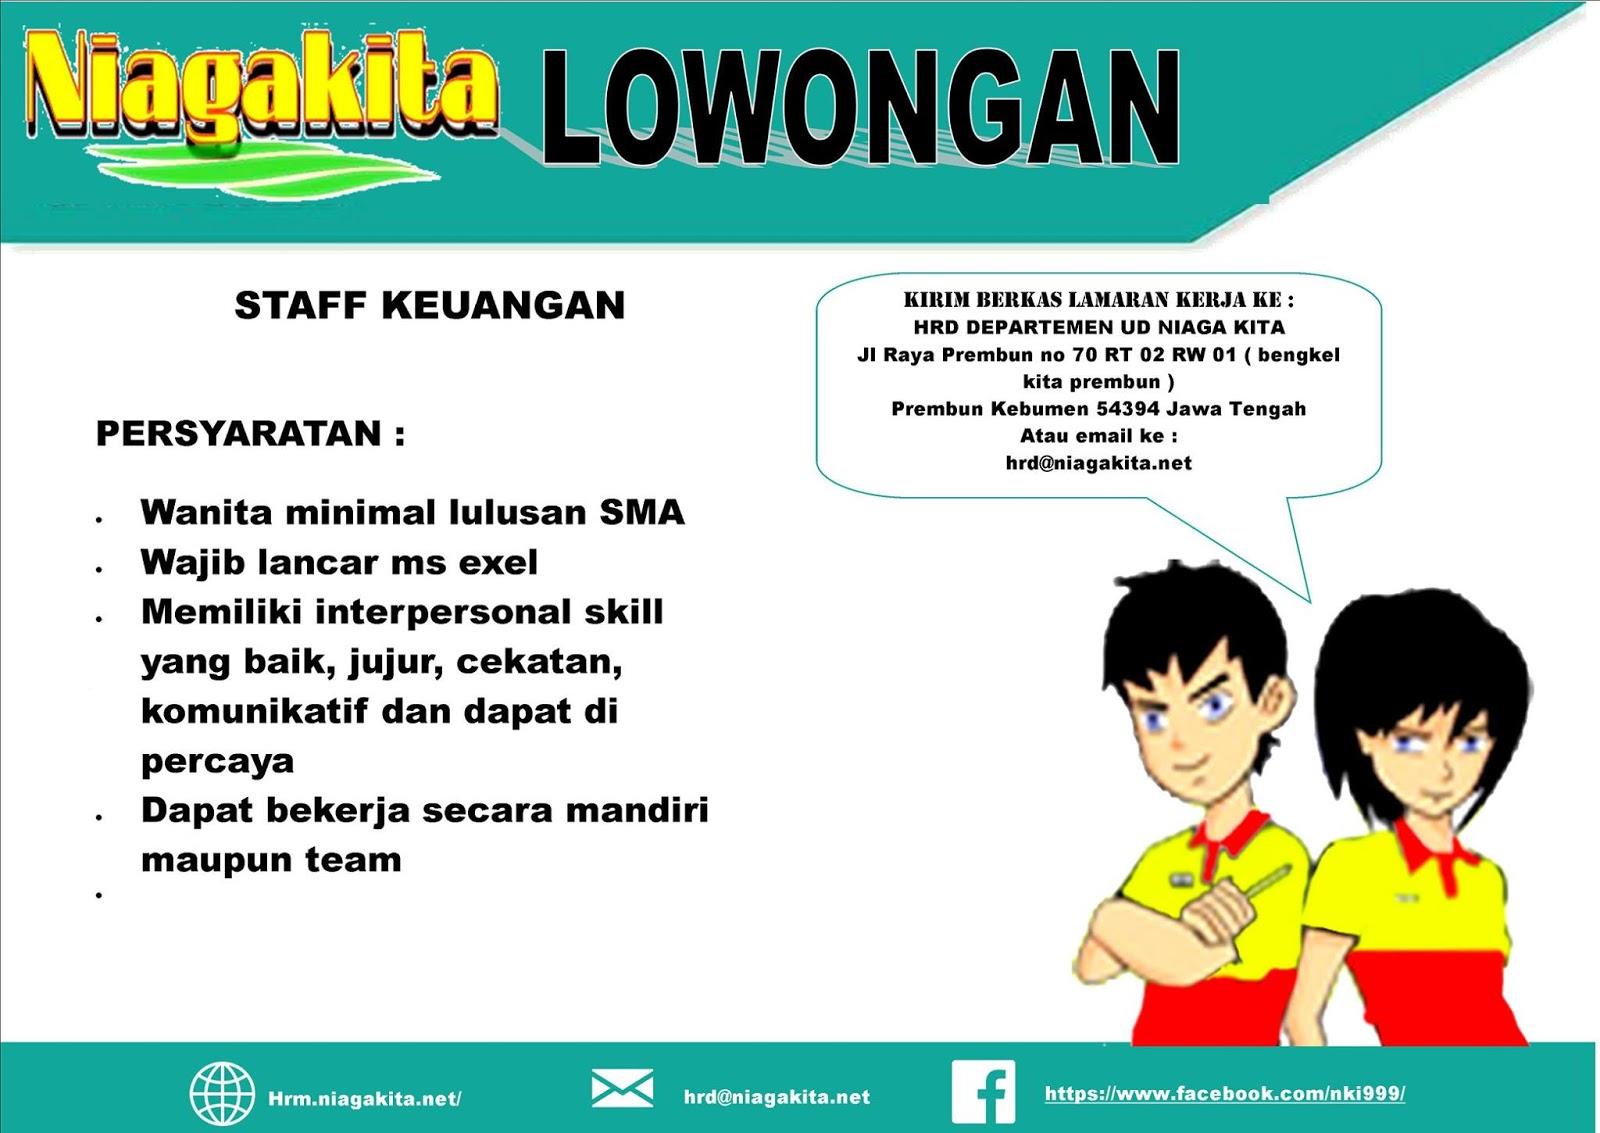 Lowongan Staff Keuangan Niaga Kita Kebumen - Banyumas ...